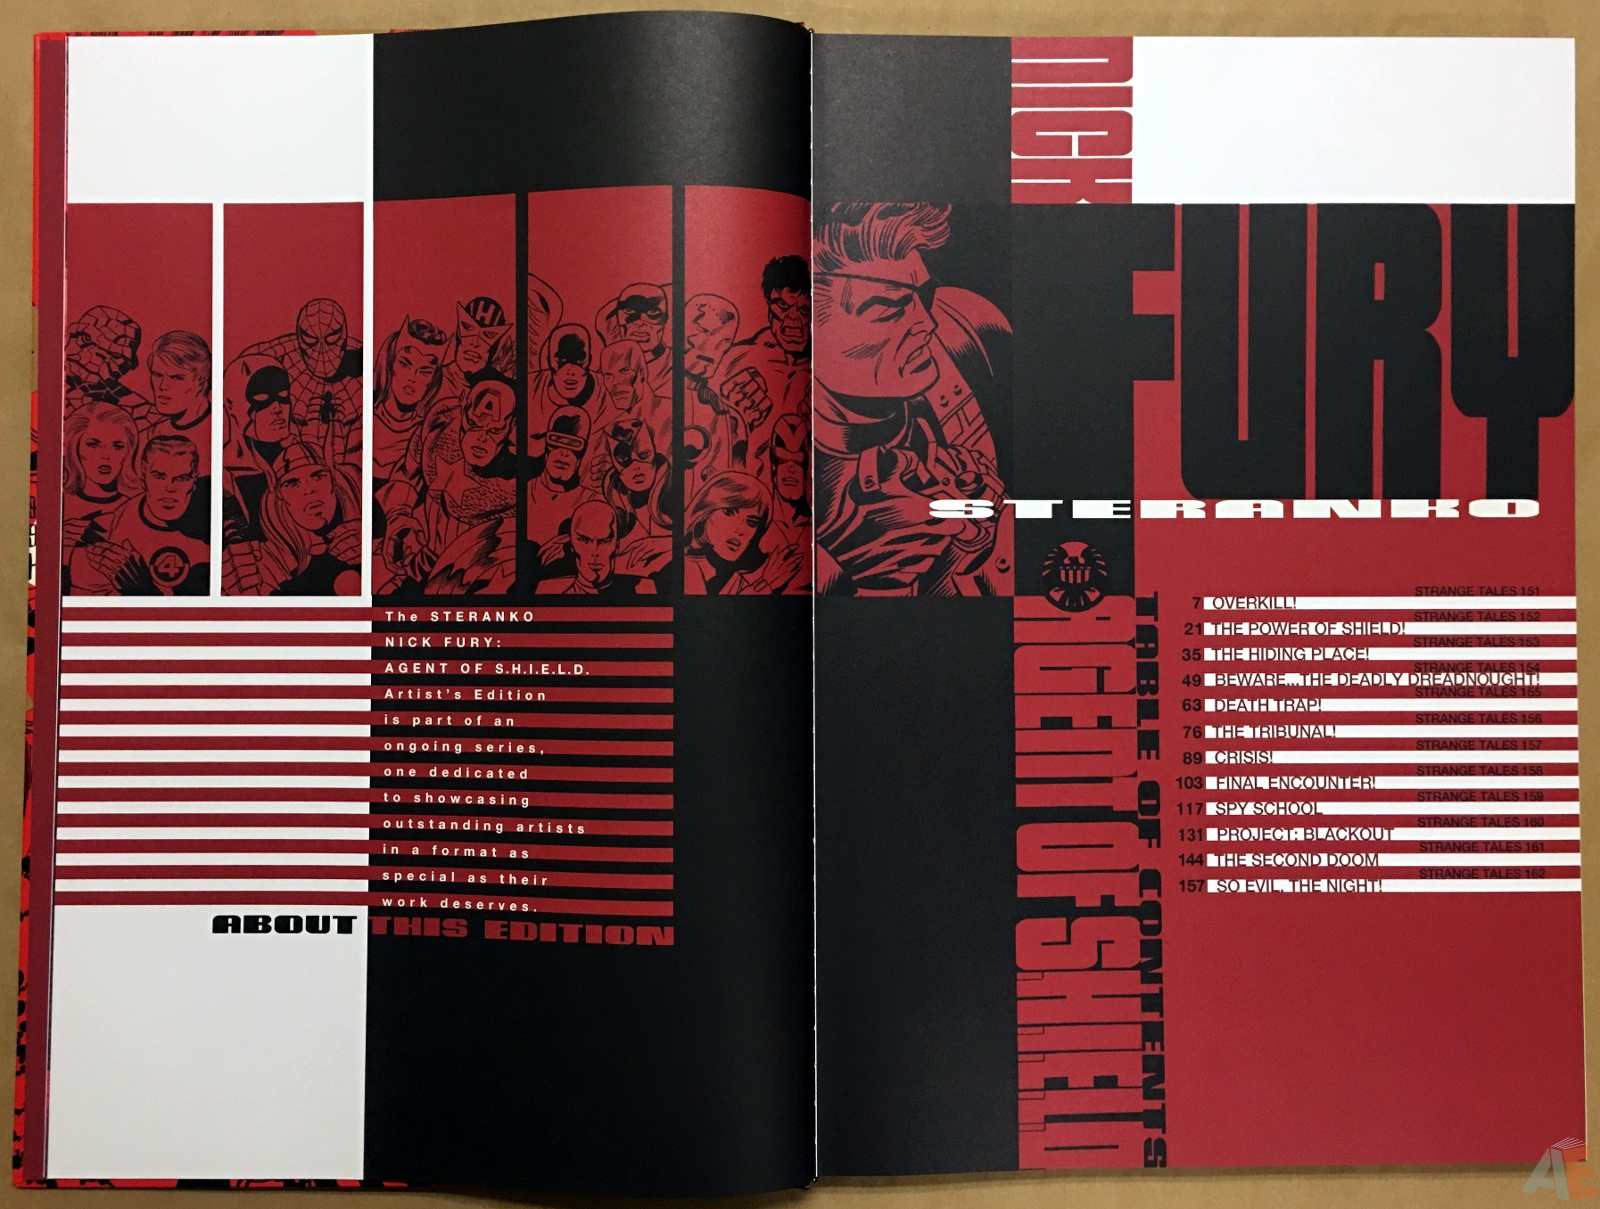 Steranko Nick Fury Agent of S.H.I.E.L.D. Artist's Edition 6